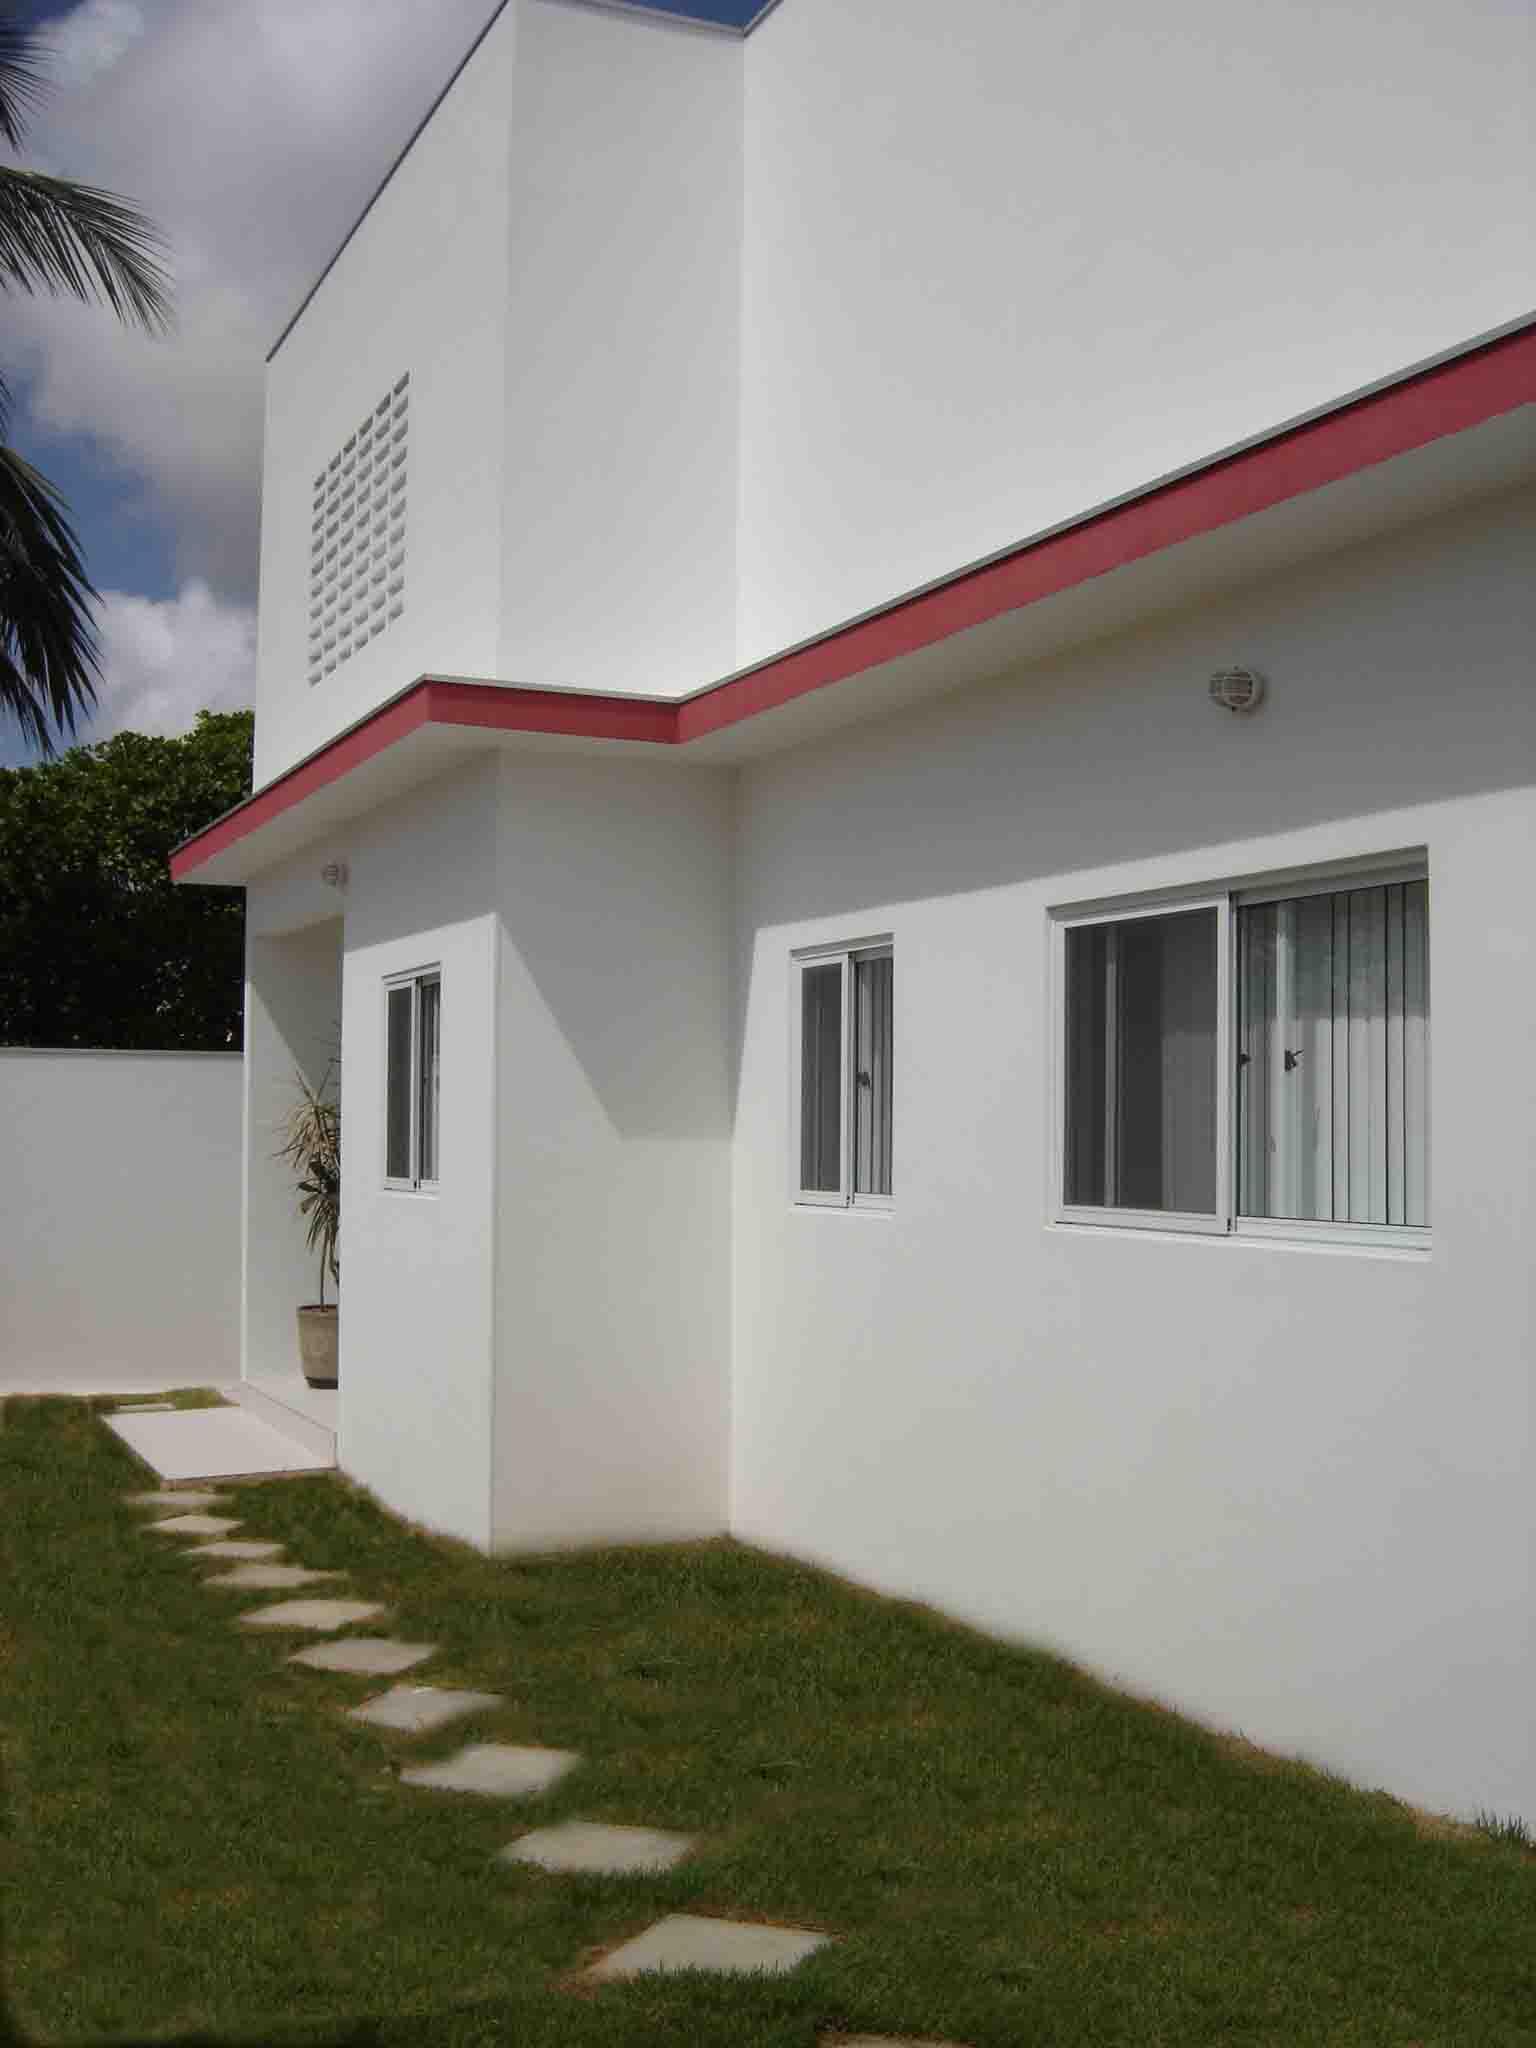 #333619 casa no Cidade Jardim Natal rn – VENDIDA Imóveis em Natal RN  1536x2048 px Armario De Cozinha Casas Bahia Natal Rn #1893 imagens